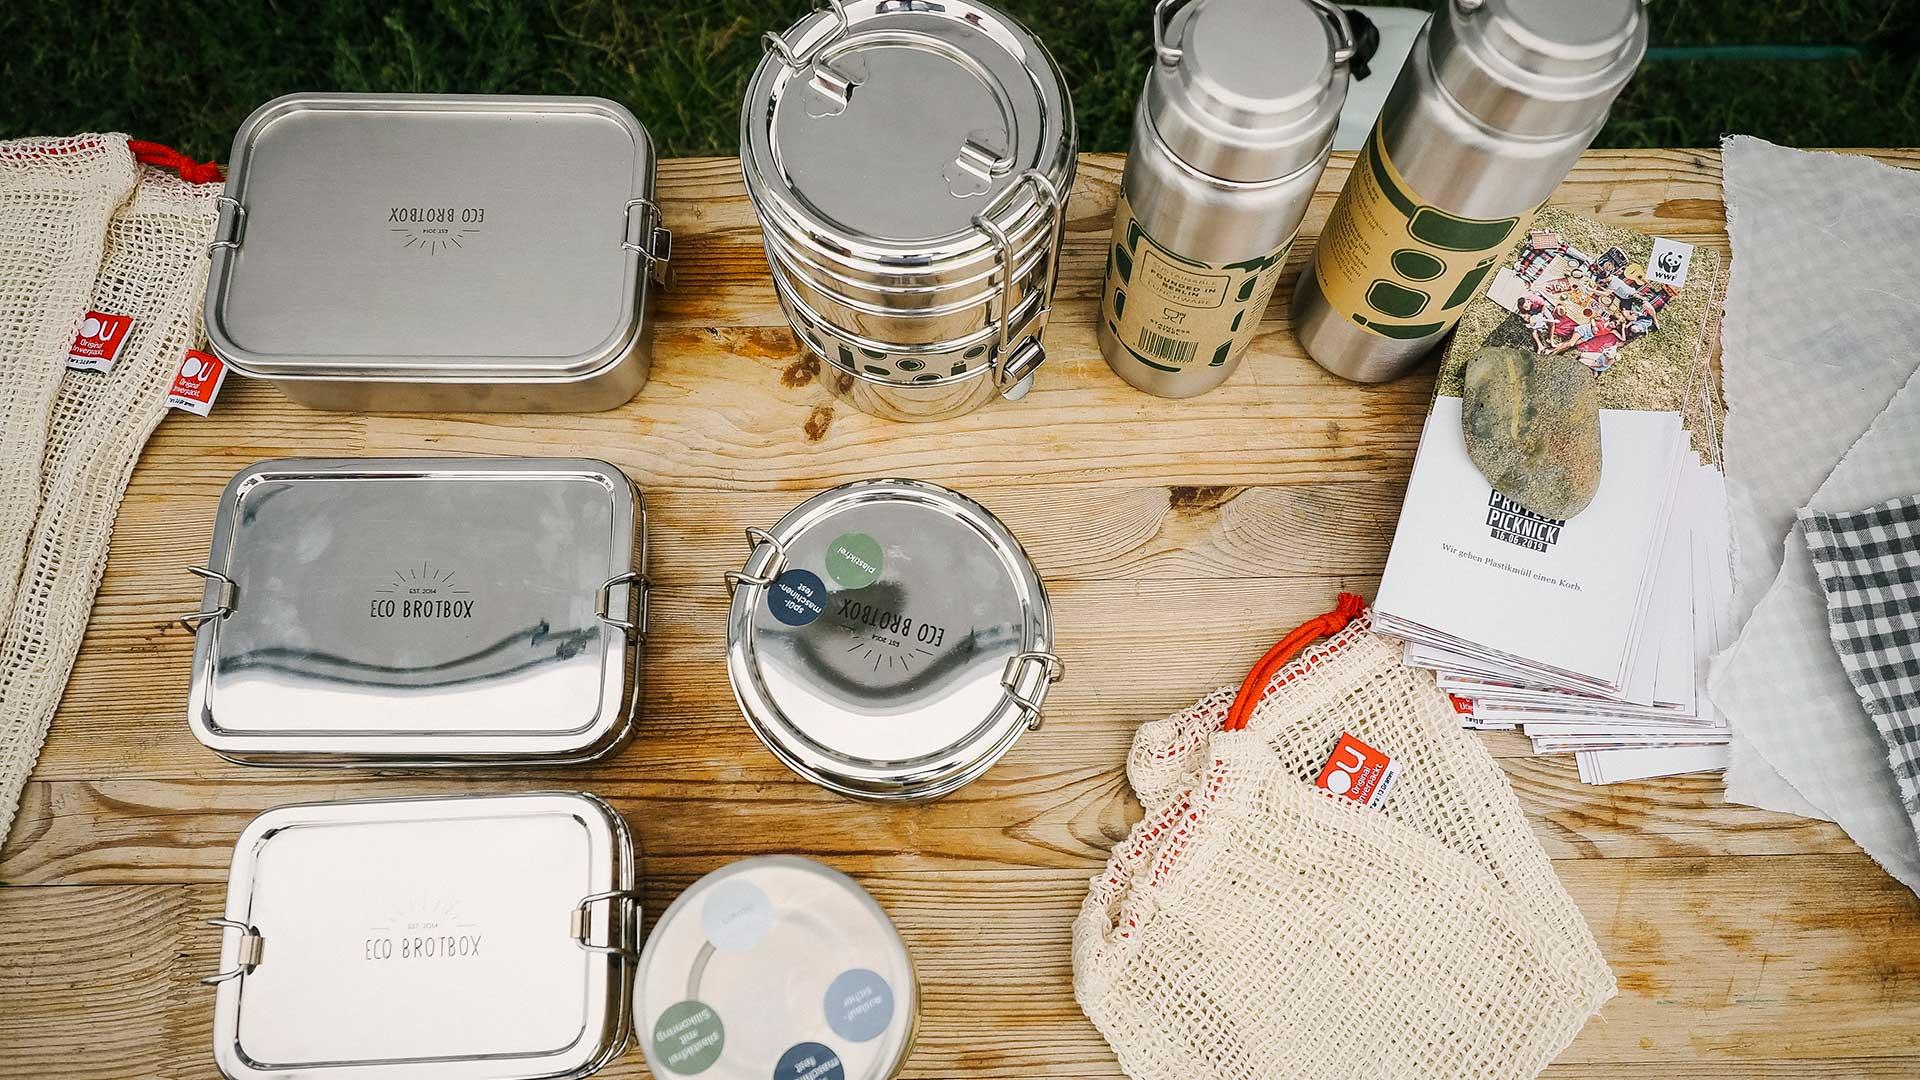 Nehmt euch dich am besten euer eigenen Geschirr mit zum Fetival. © Daniel Seiffert /WWF